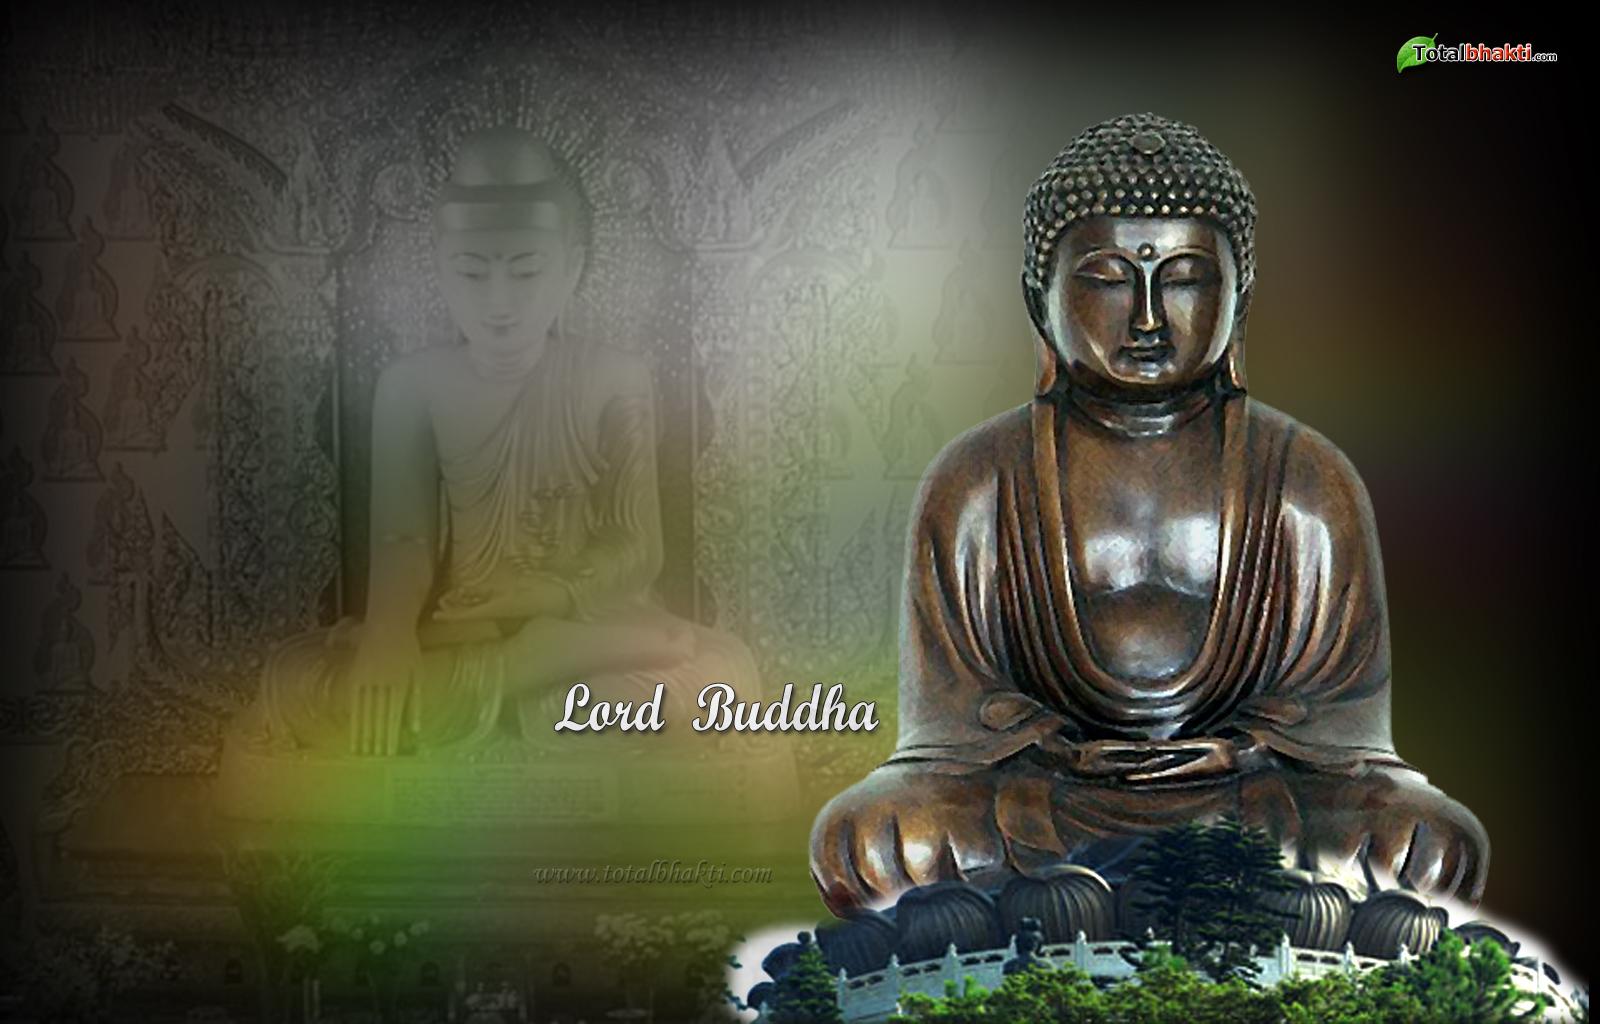 Lord buddha wallpaper hd wallpapersafari - Wallpaper 1600x1024 ...